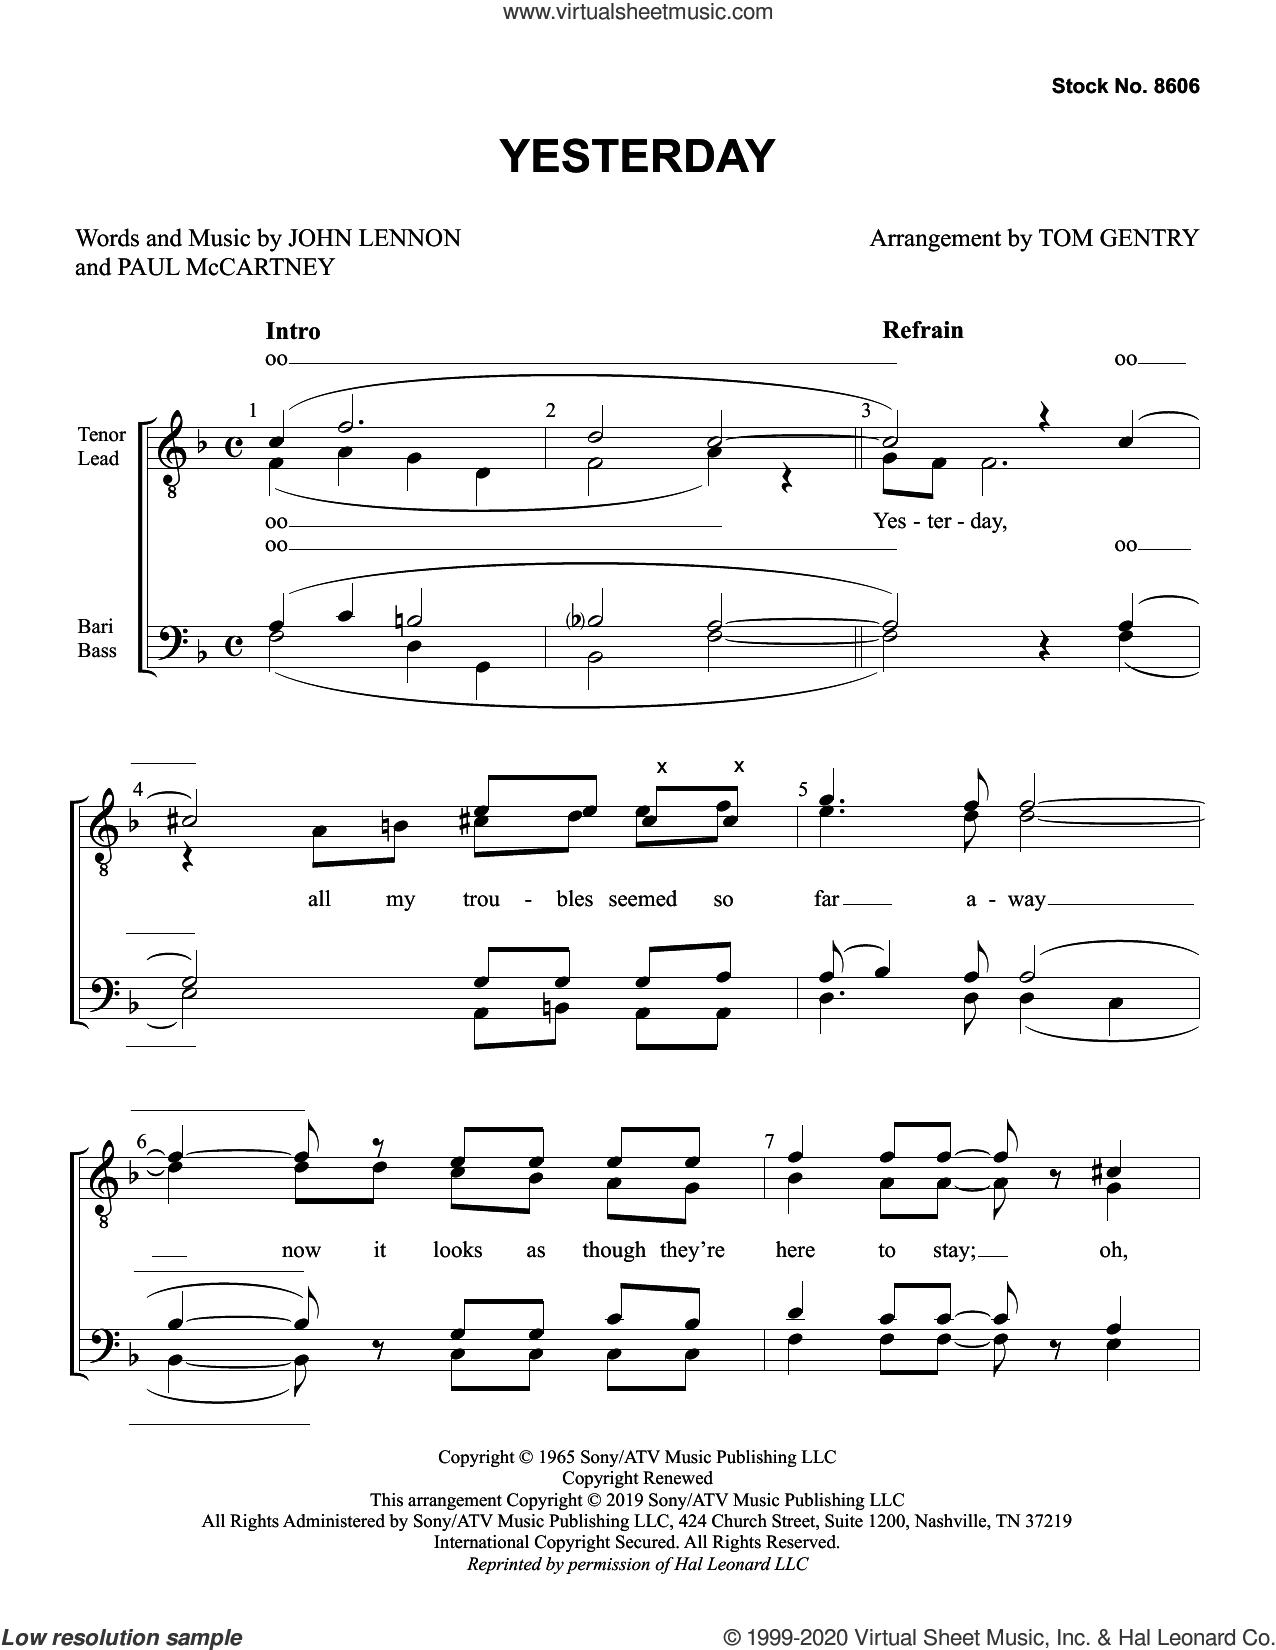 Yesterday (arr. Tom Gentry) sheet music for choir (TTBB: tenor, bass) by The Beatles, Tom Gentry, John Lennon and Paul McCartney, intermediate skill level